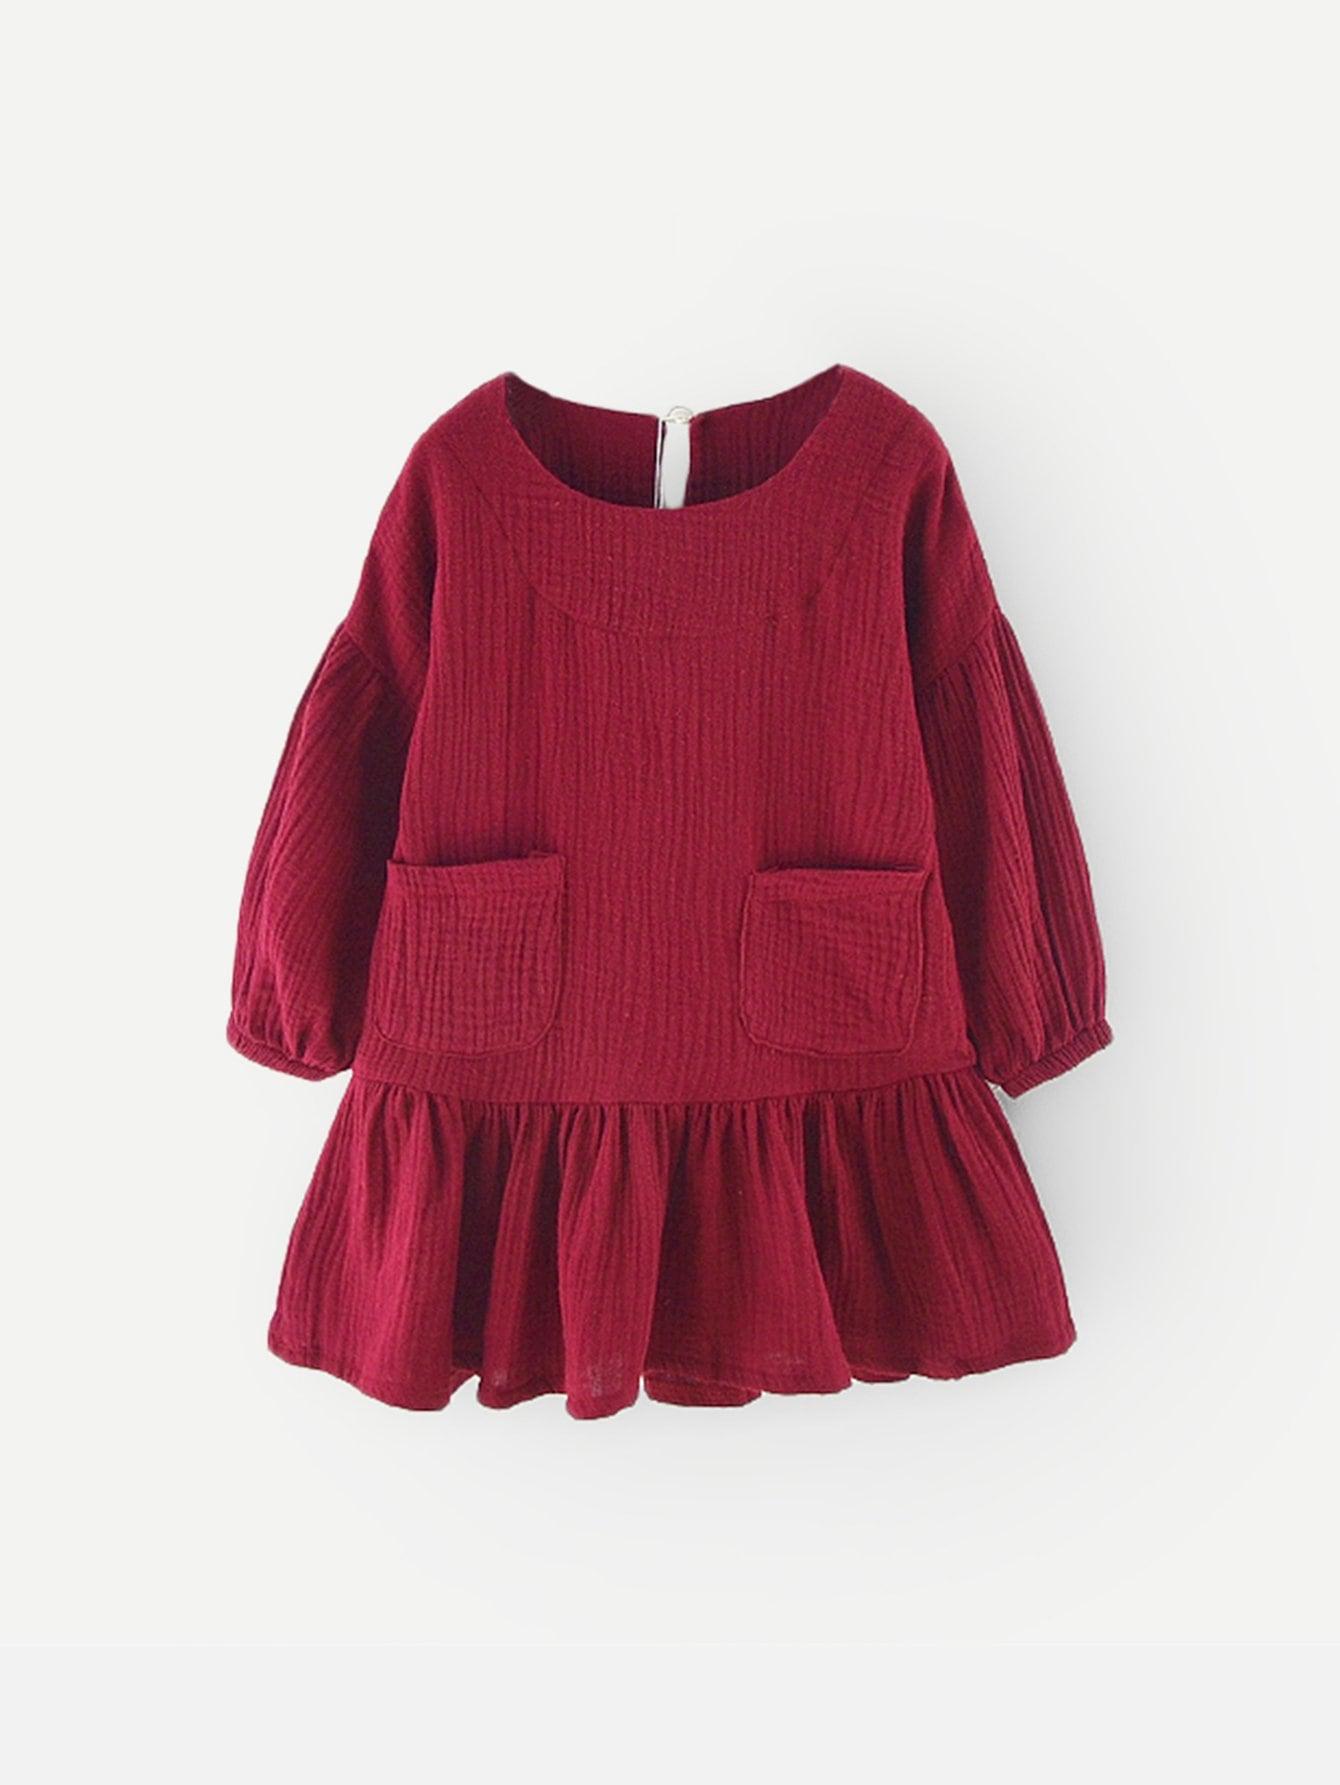 Стиль кэжуал Одноцветный с карманами туника Бургундия Платья для девочек от SheIn